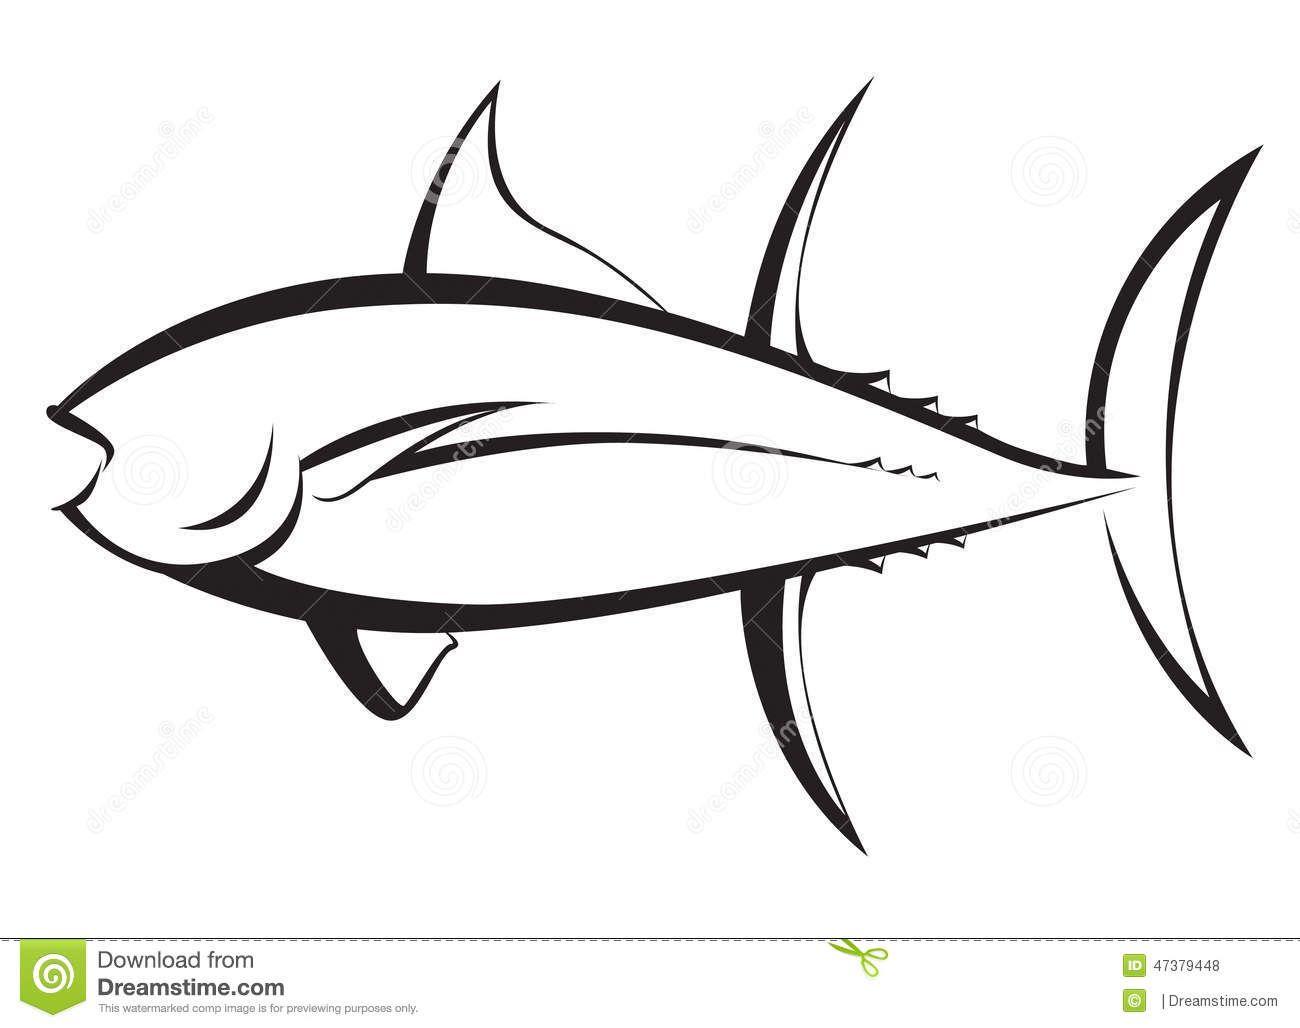 Artistic Fish Silhouettes Tuna Fish Silhouette Stock Illustration Image 47379448 Fish Silhouette Tuna Fish Stock Illustration